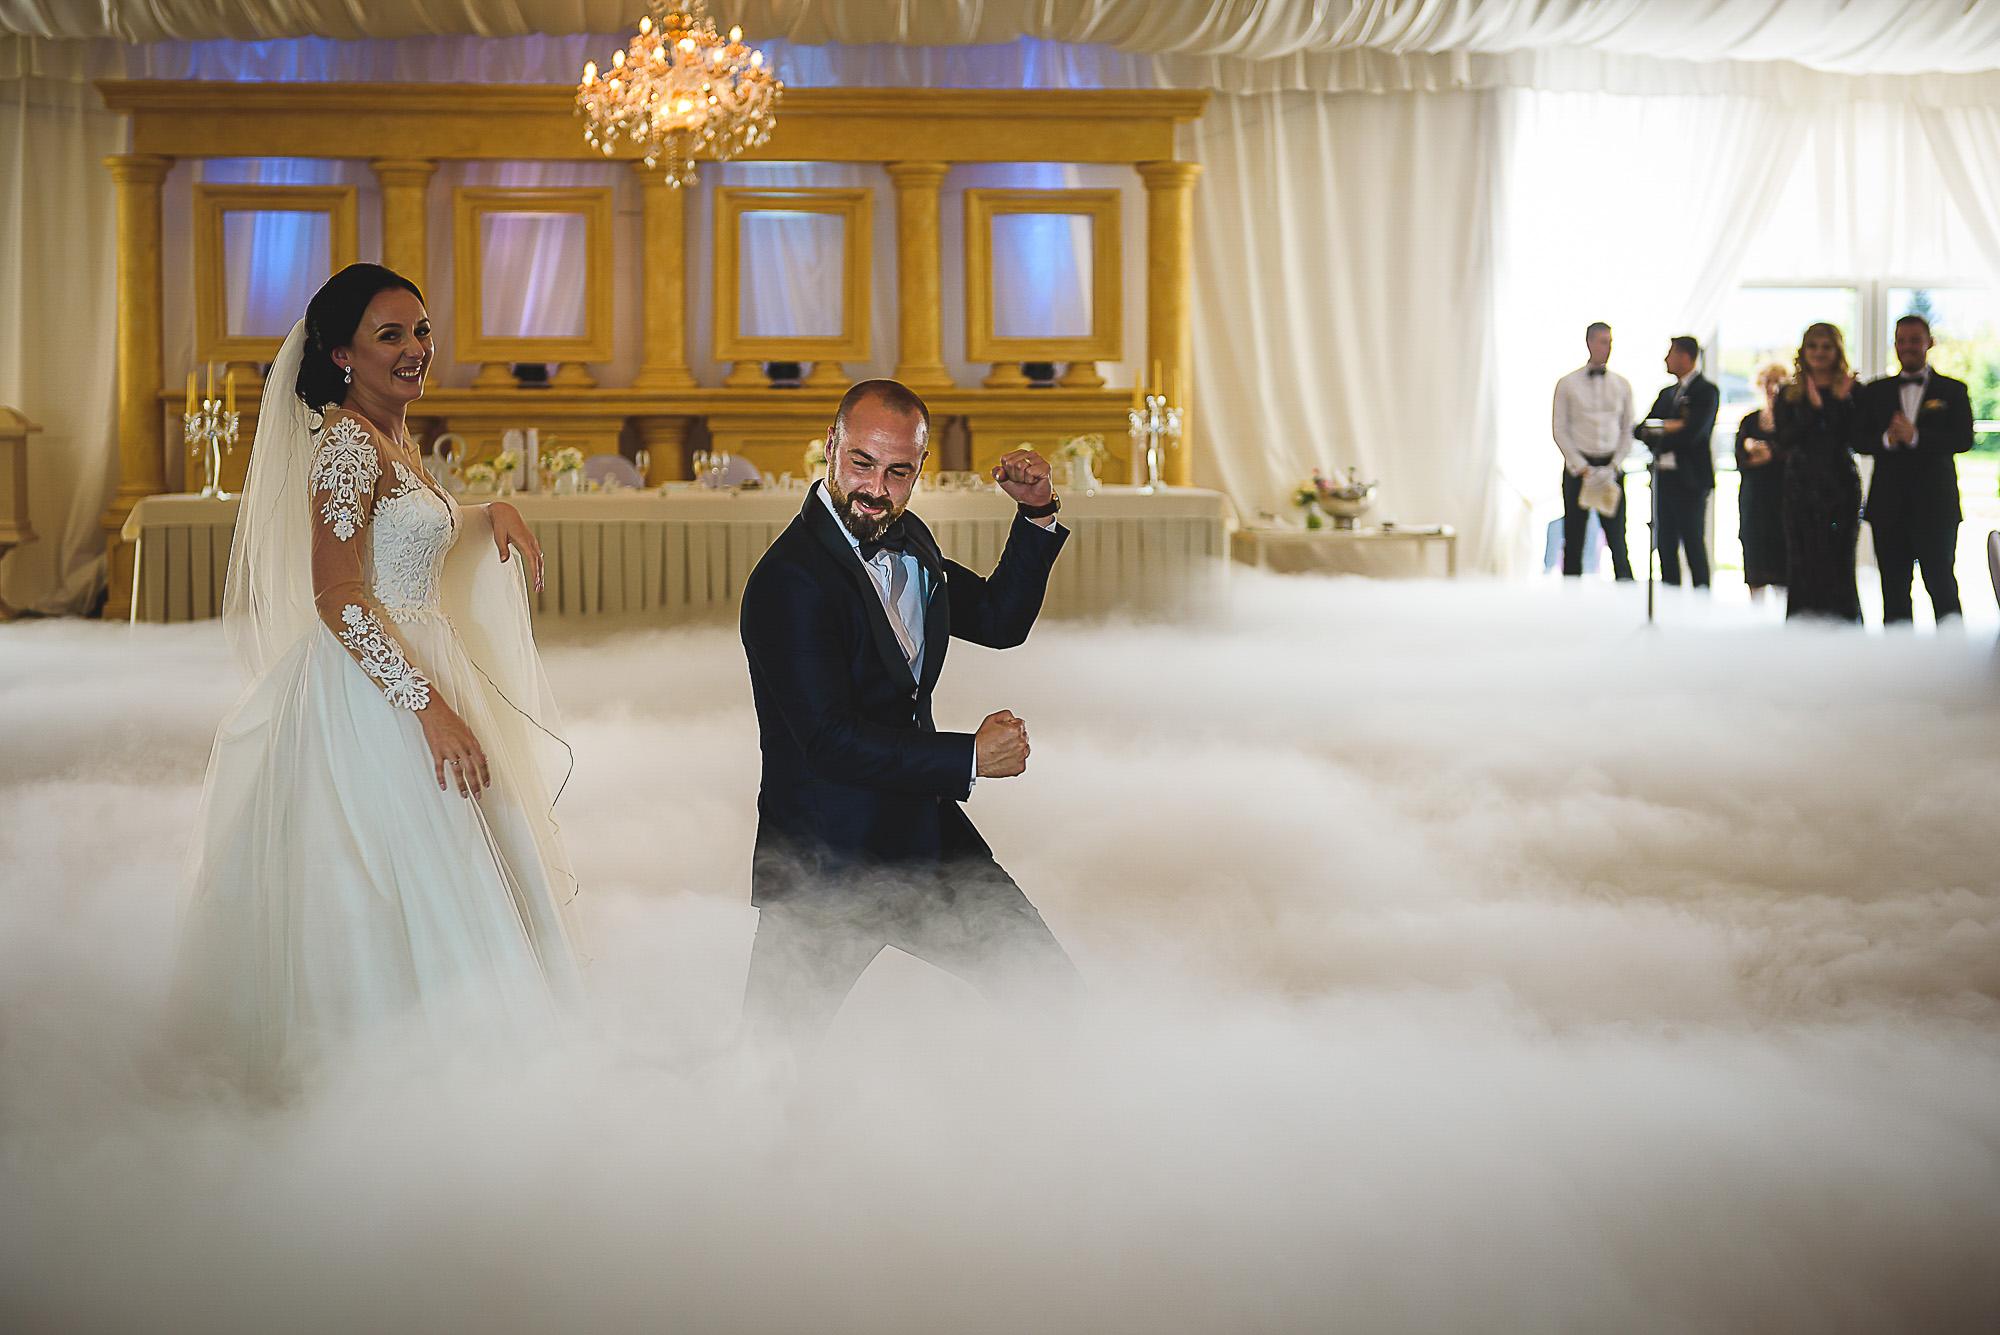 dansul miriilor, centrul de evenimente RAB, sangeorgiu de mures, fotografie creativa de nunta, fotograf nunta mures, foto nunta reghin, foto video reghin, foto video nunta mures